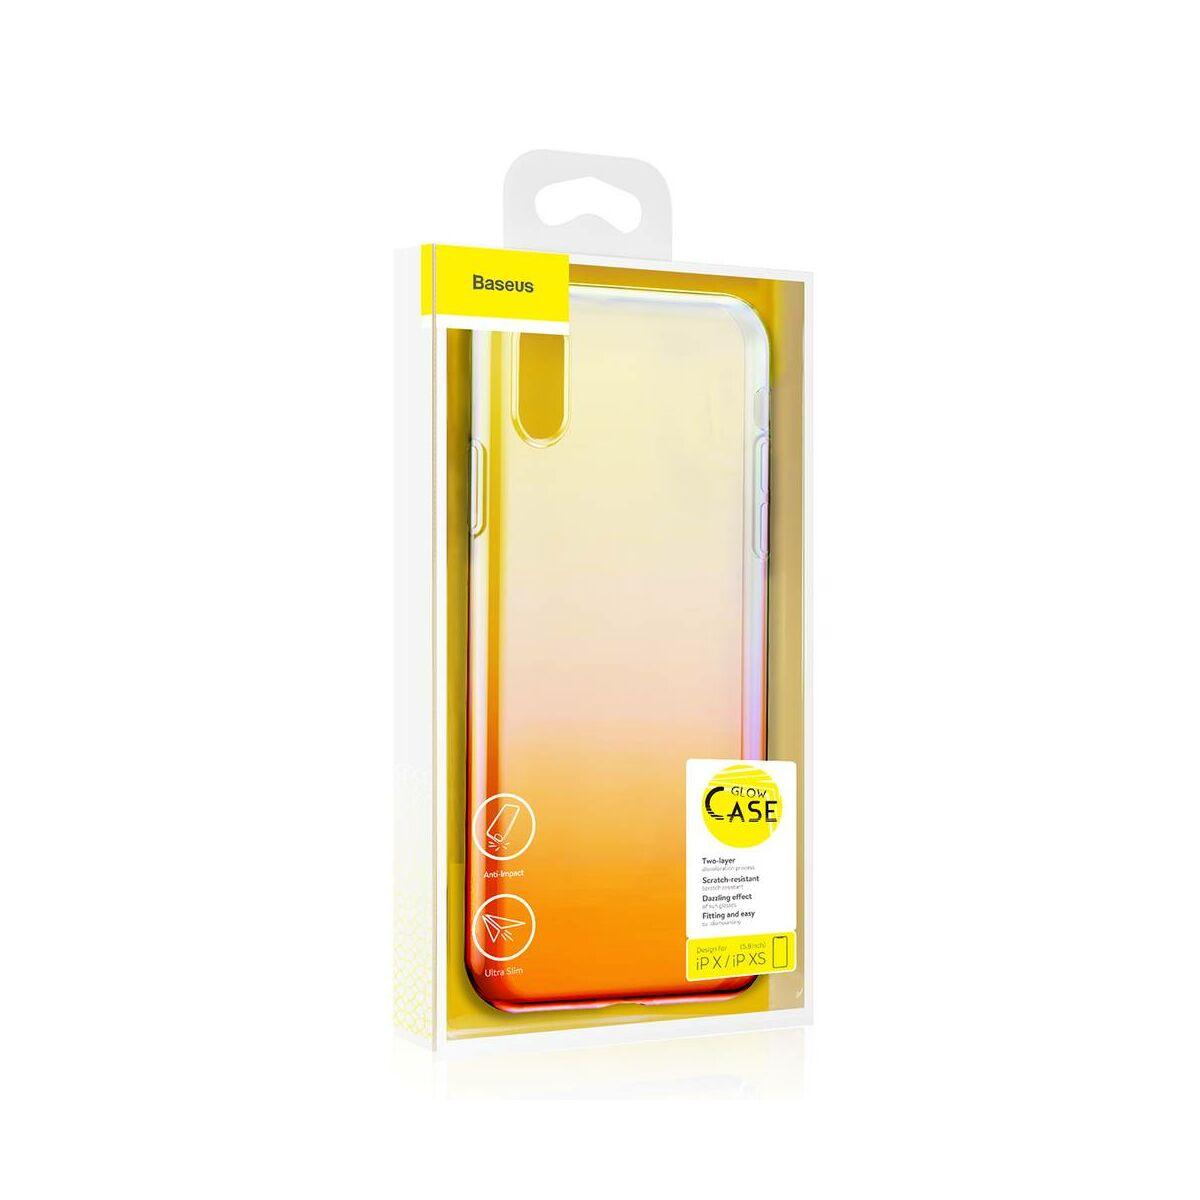 Baseus iPhone XS tok, Glow, átlátszó, rózsaszín (WIAPIPH58-XG04)